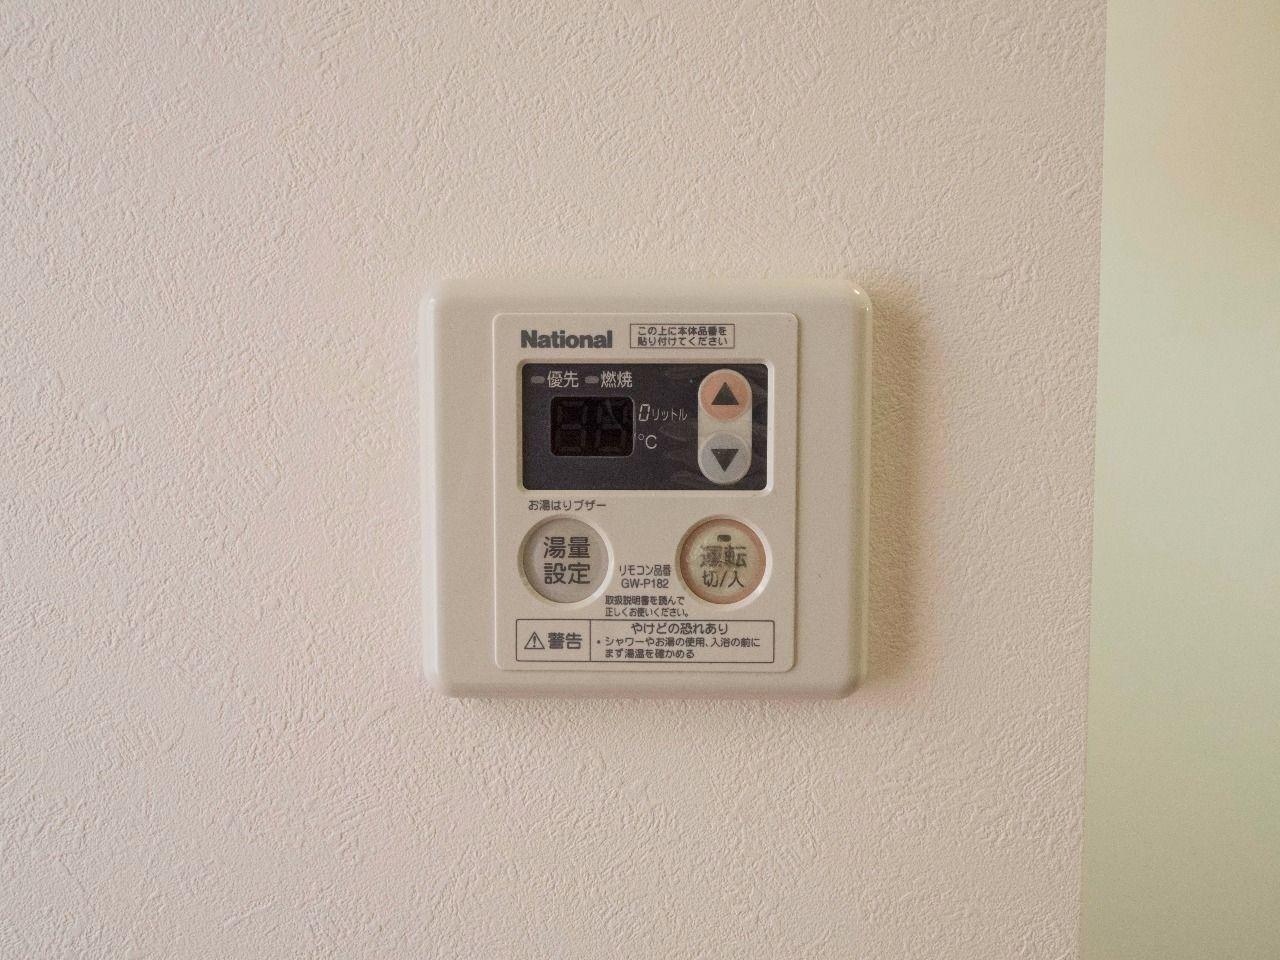 湯温の設定が可能な給湯リモコン